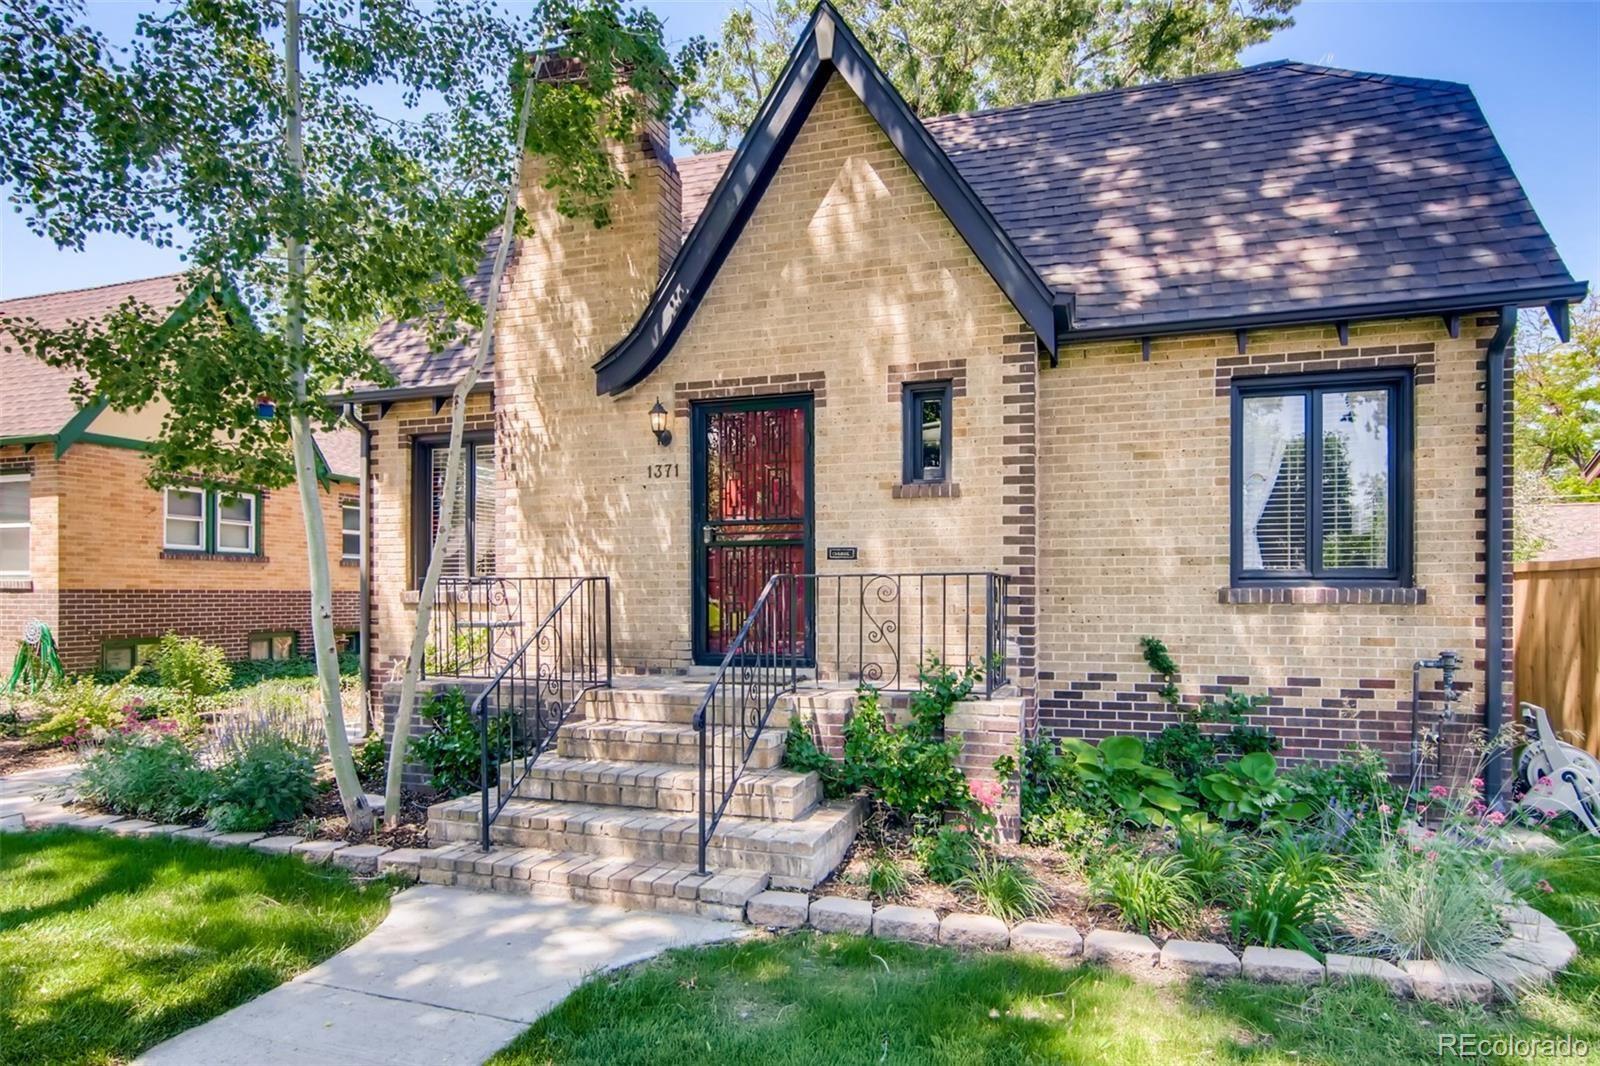 Photo of 1371 Hudson Street, Denver, CO 80220 (MLS # 2731364)